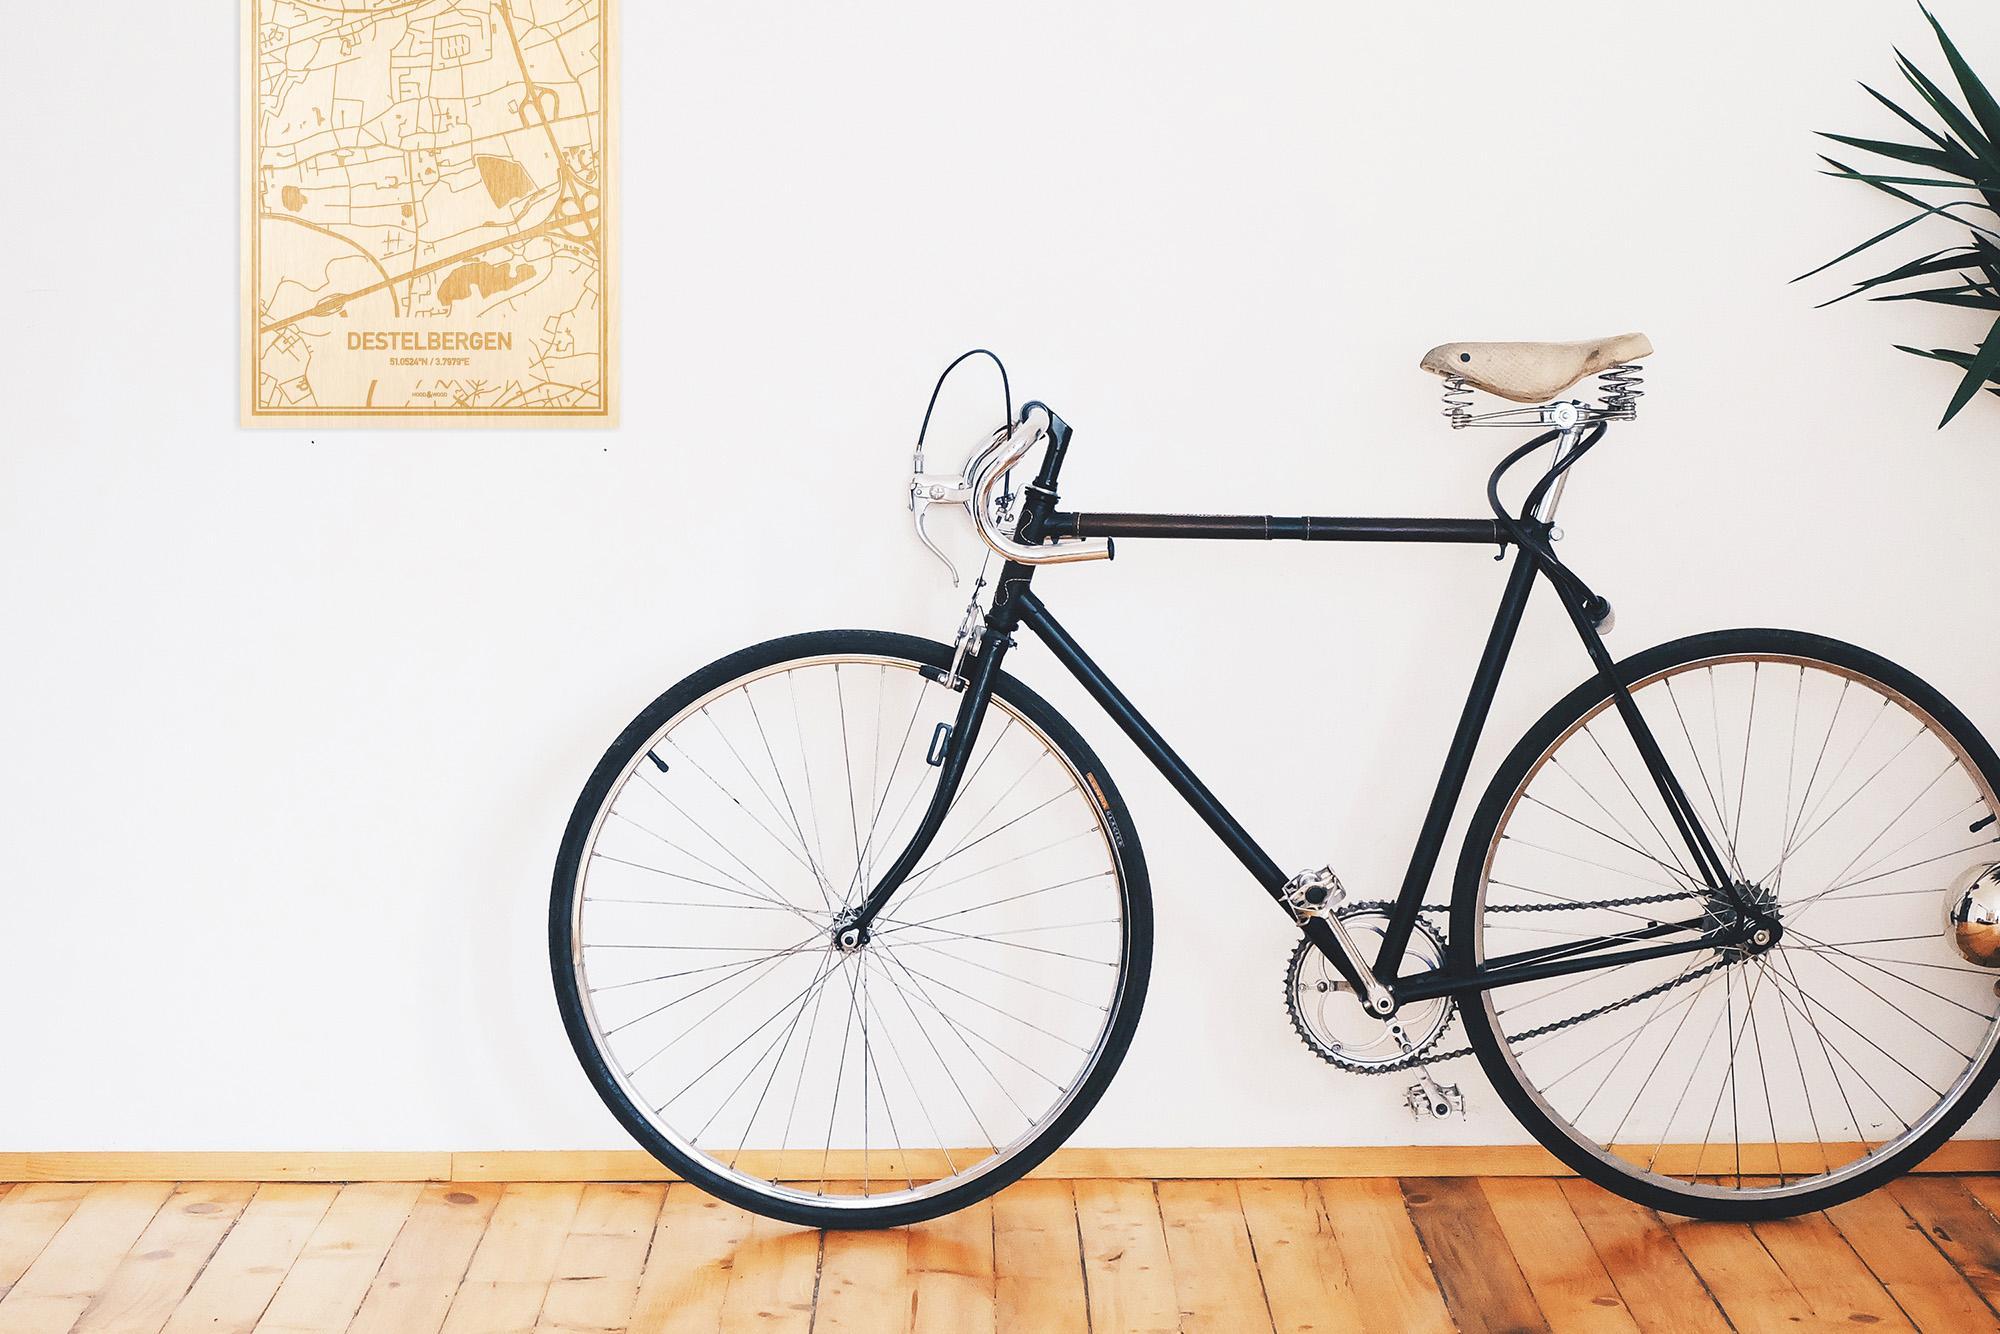 Een snelle fiets in een uniek interieur in Oost-Vlaanderen  met mooie decoratie zoals de plattegrond Destelbergen.